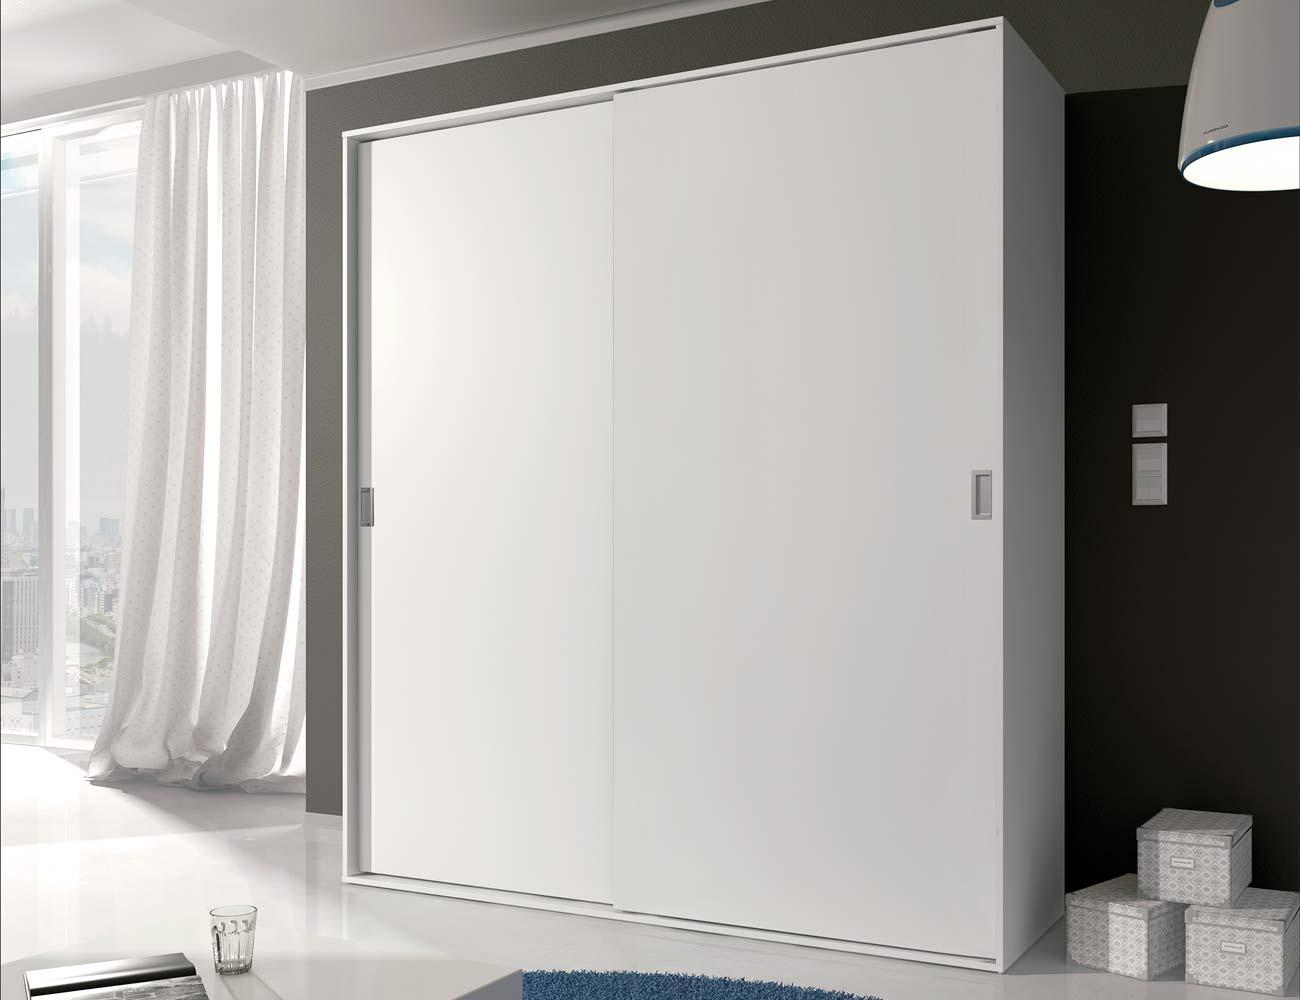 Armario moderno de 2 puertas correderas en color blanco 6454 factory del mueble utrera - Kit puertas correderas armarios ...